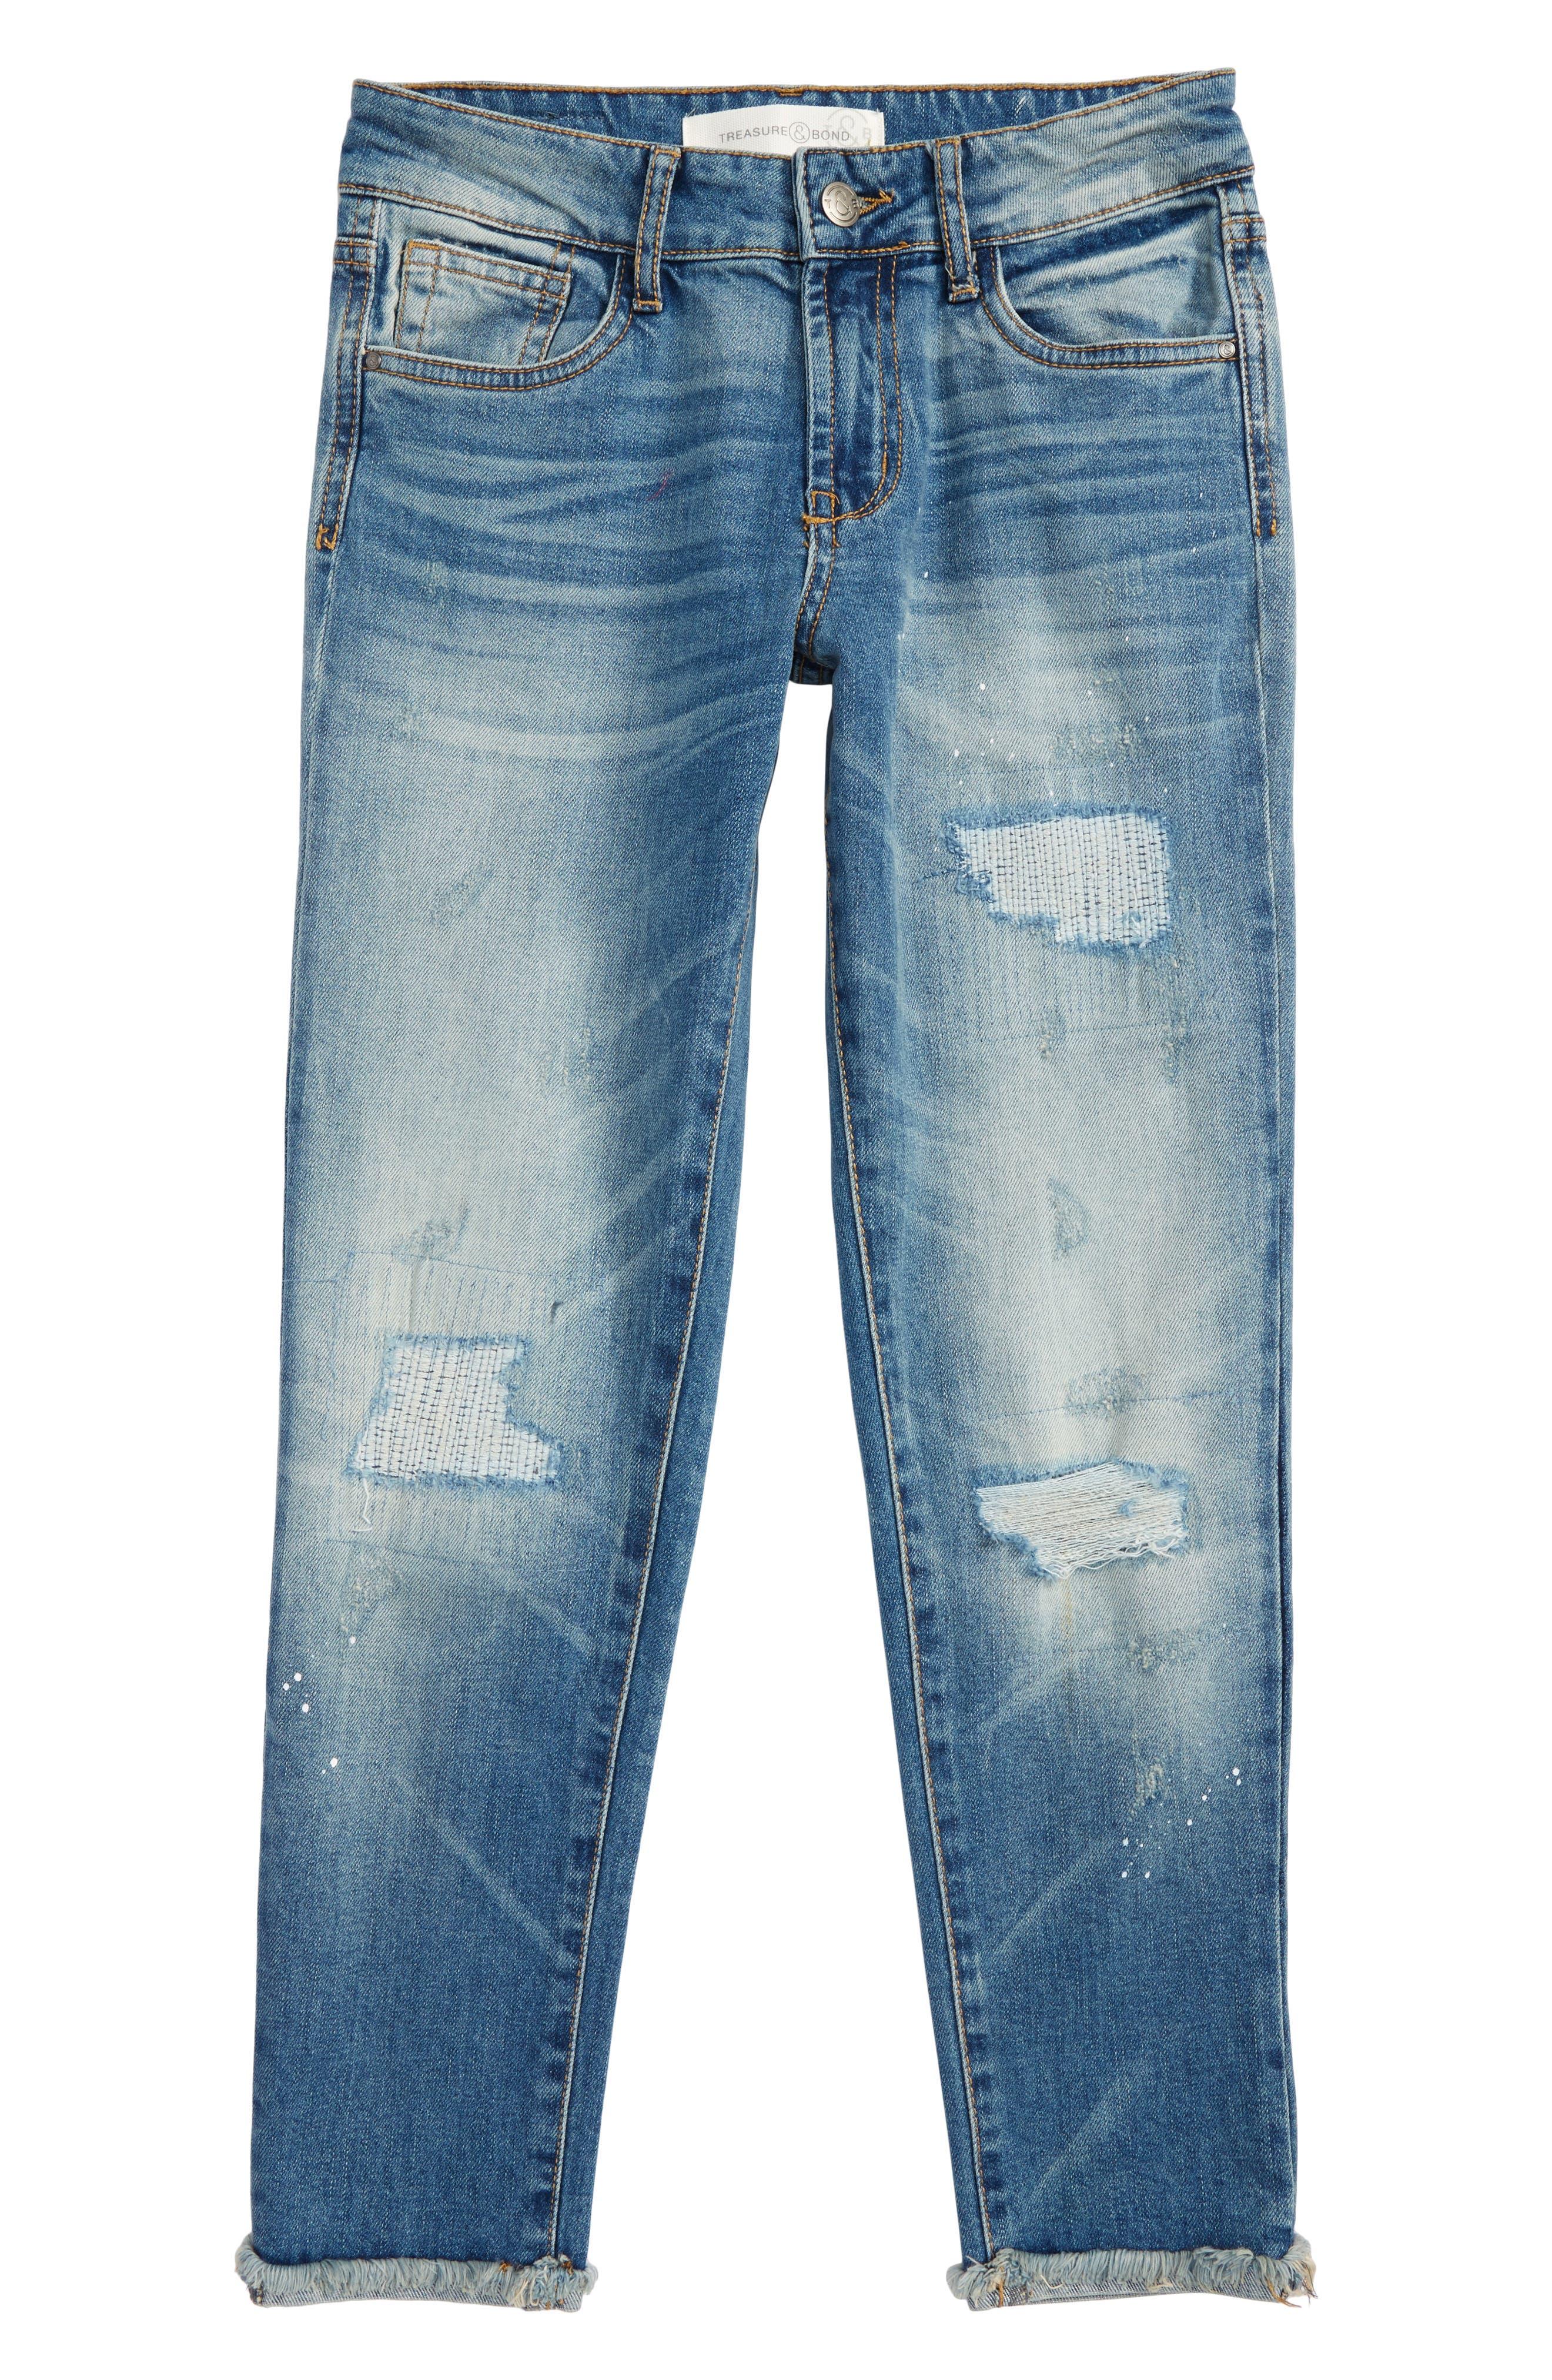 Alternate Image 1 Selected - Treasure & Bond Crop Distressed Girlfriend Jeans (Big Girls)